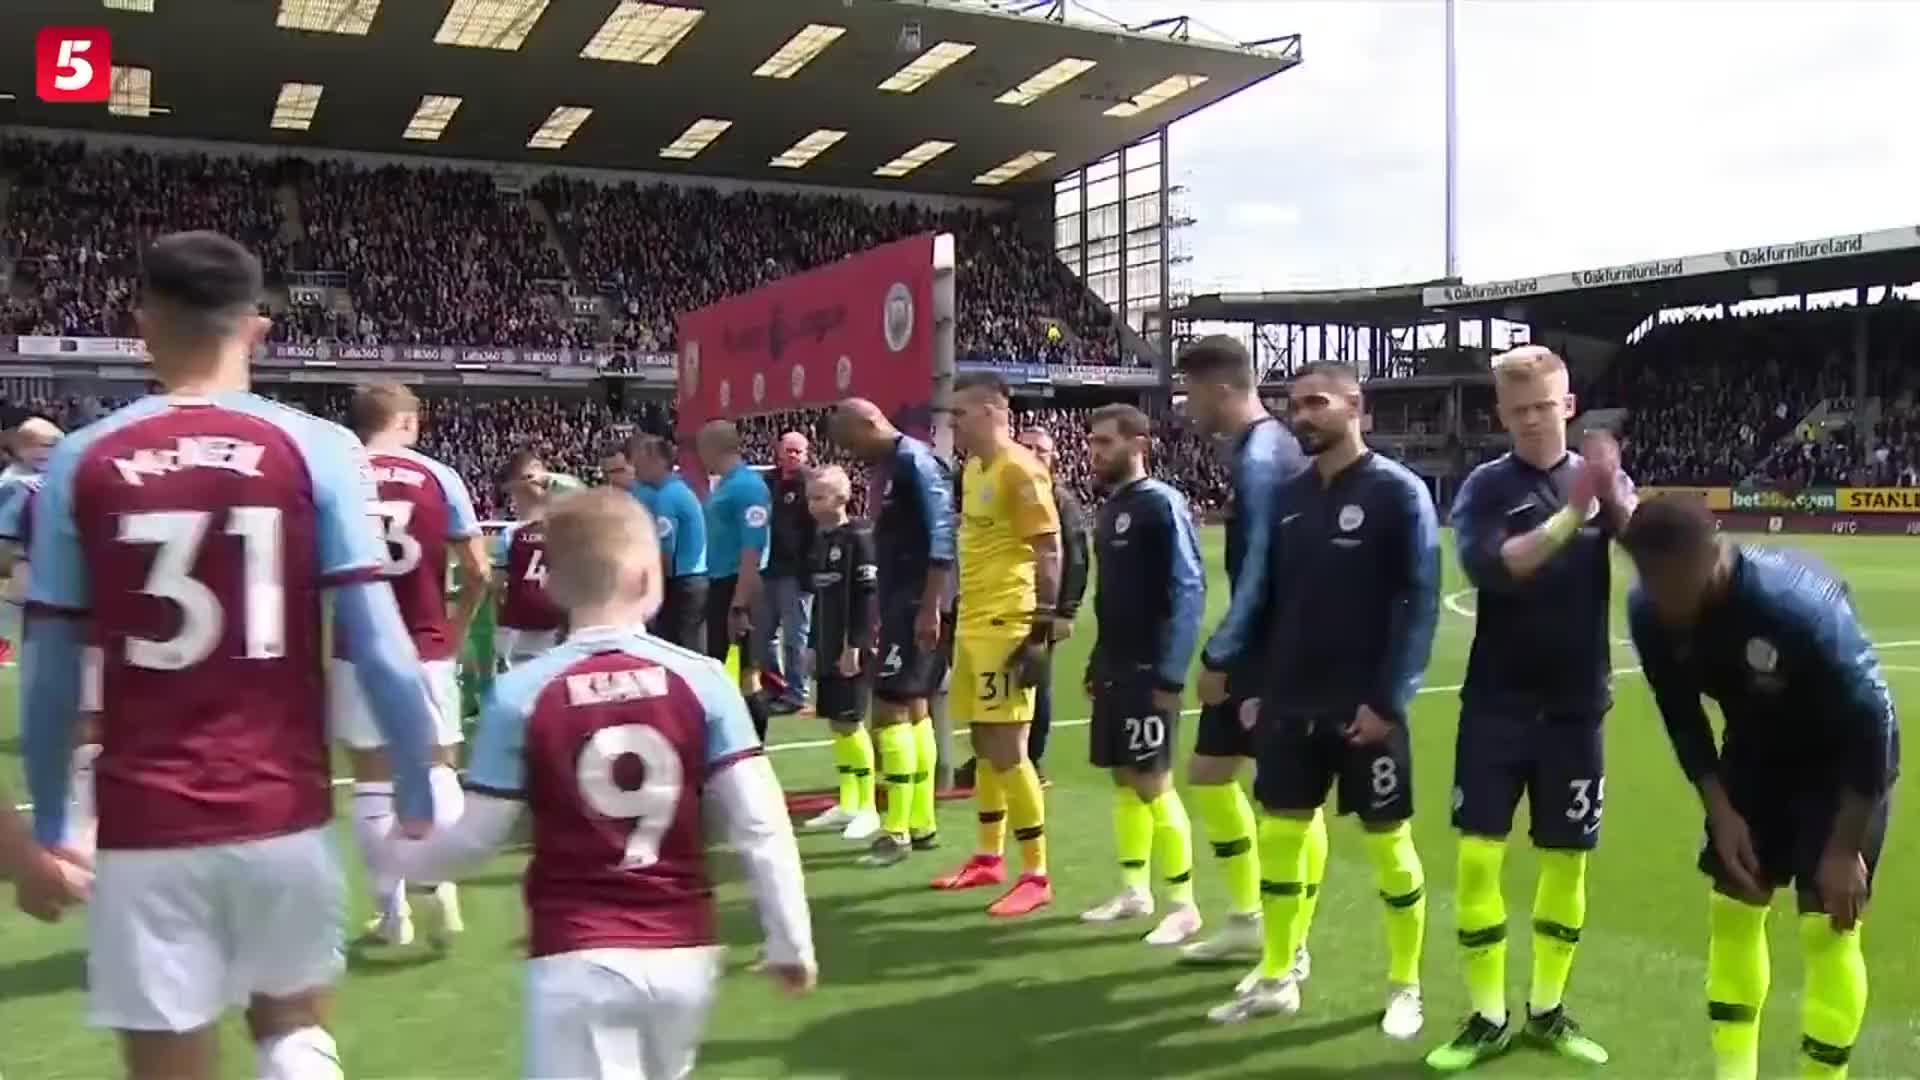 [视频]英超:曼城1-0豪取12连胜返榜首 阿圭罗一剑封喉